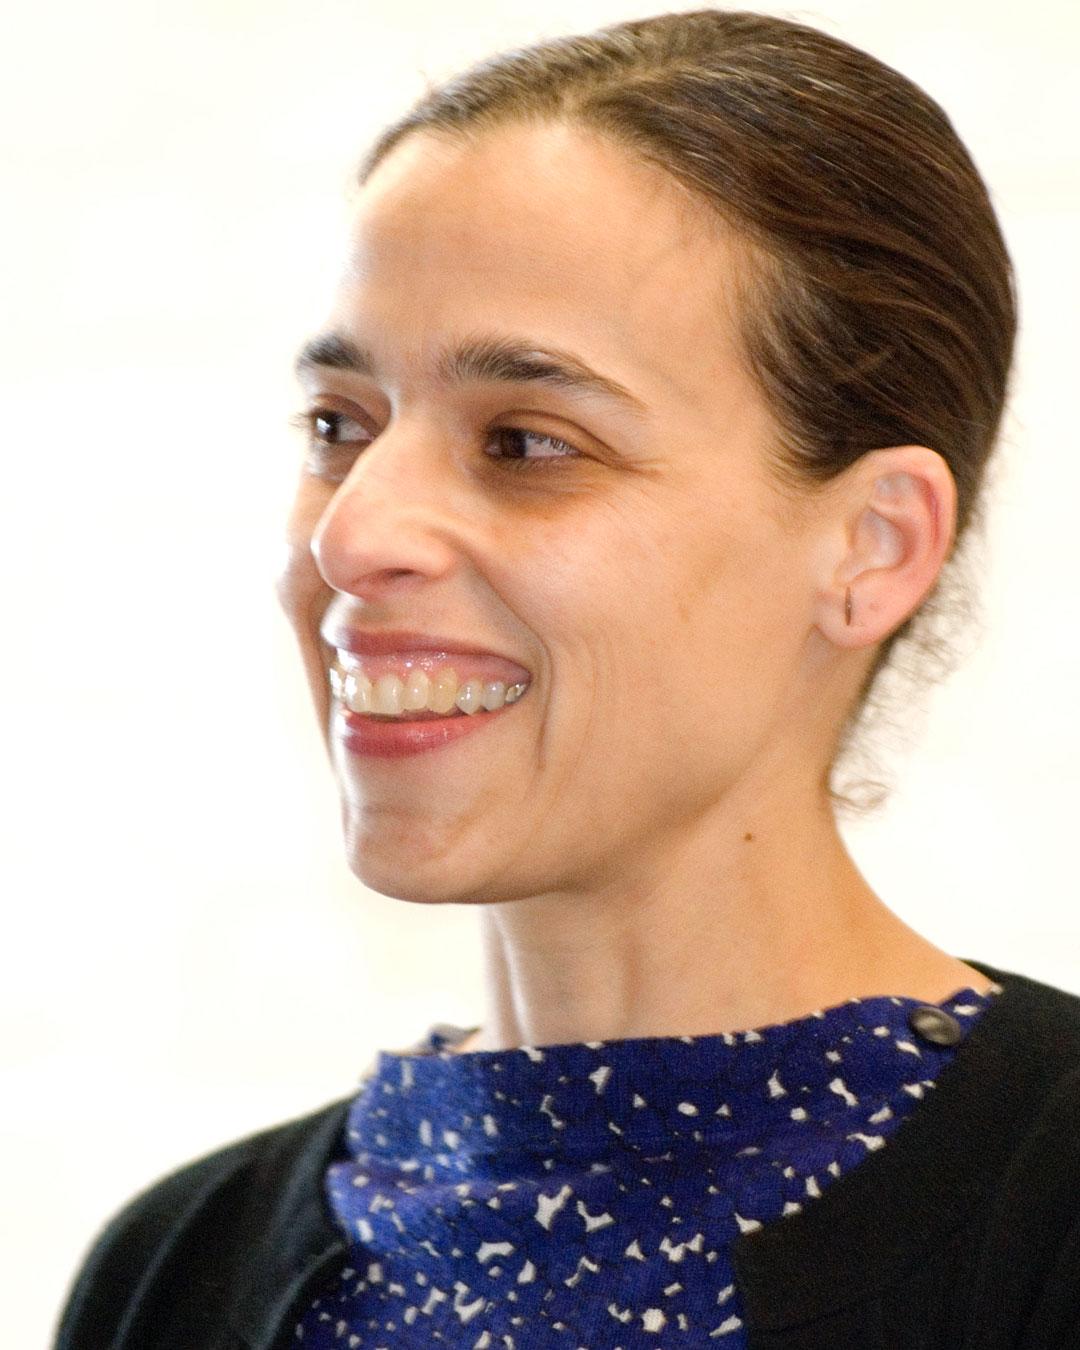 Noam Elyashiv, 2008